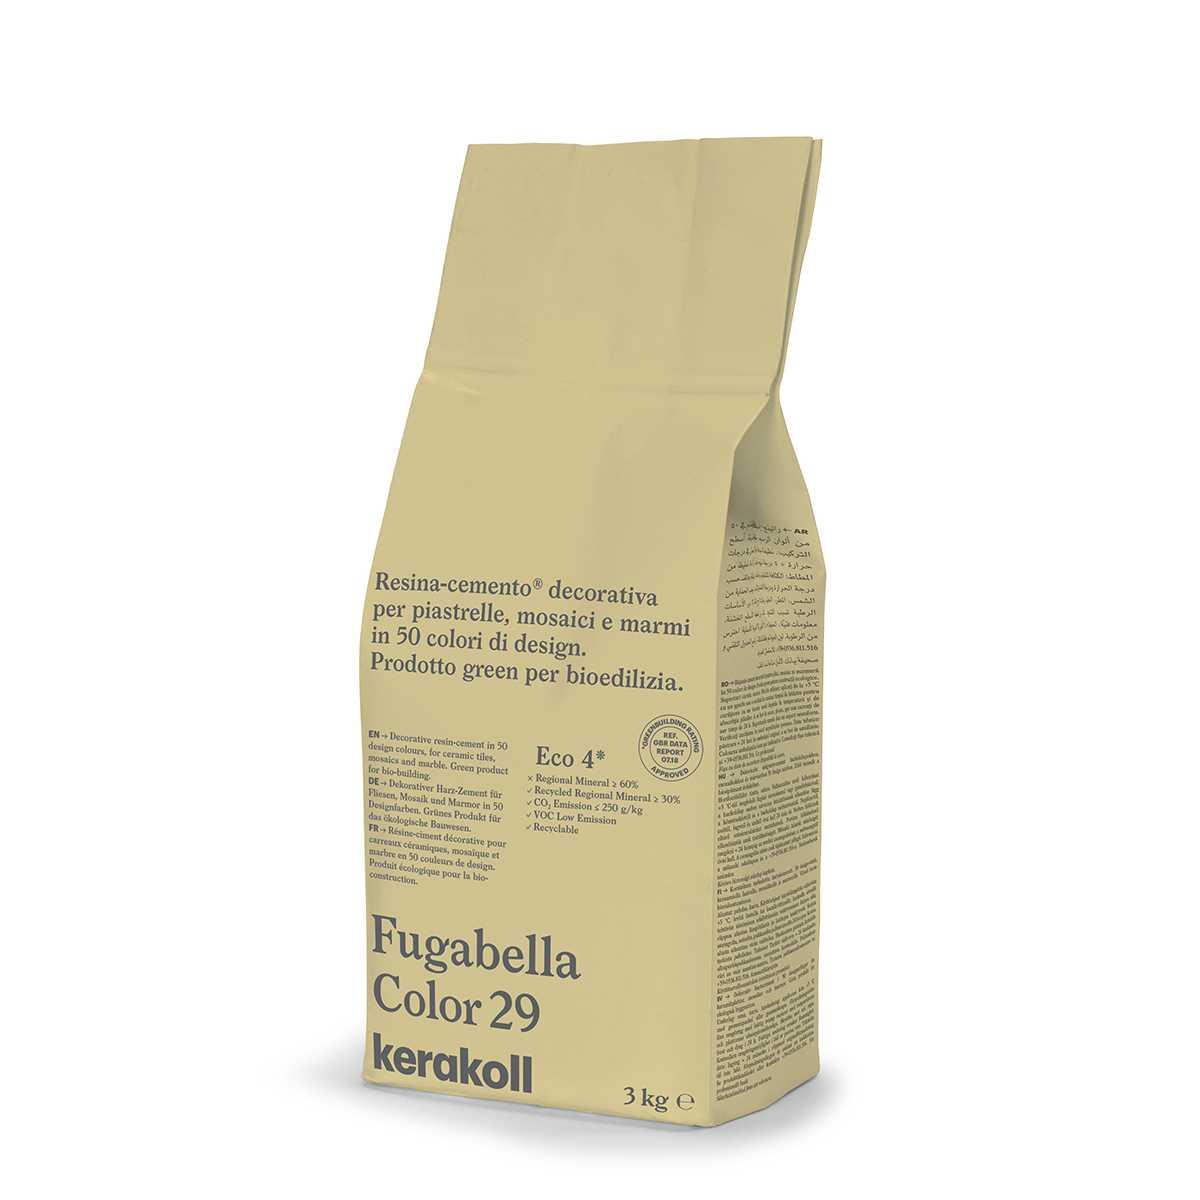 Kerakoll Fugabella Color 29 3kg stucco per fughe uso interno ed esterno